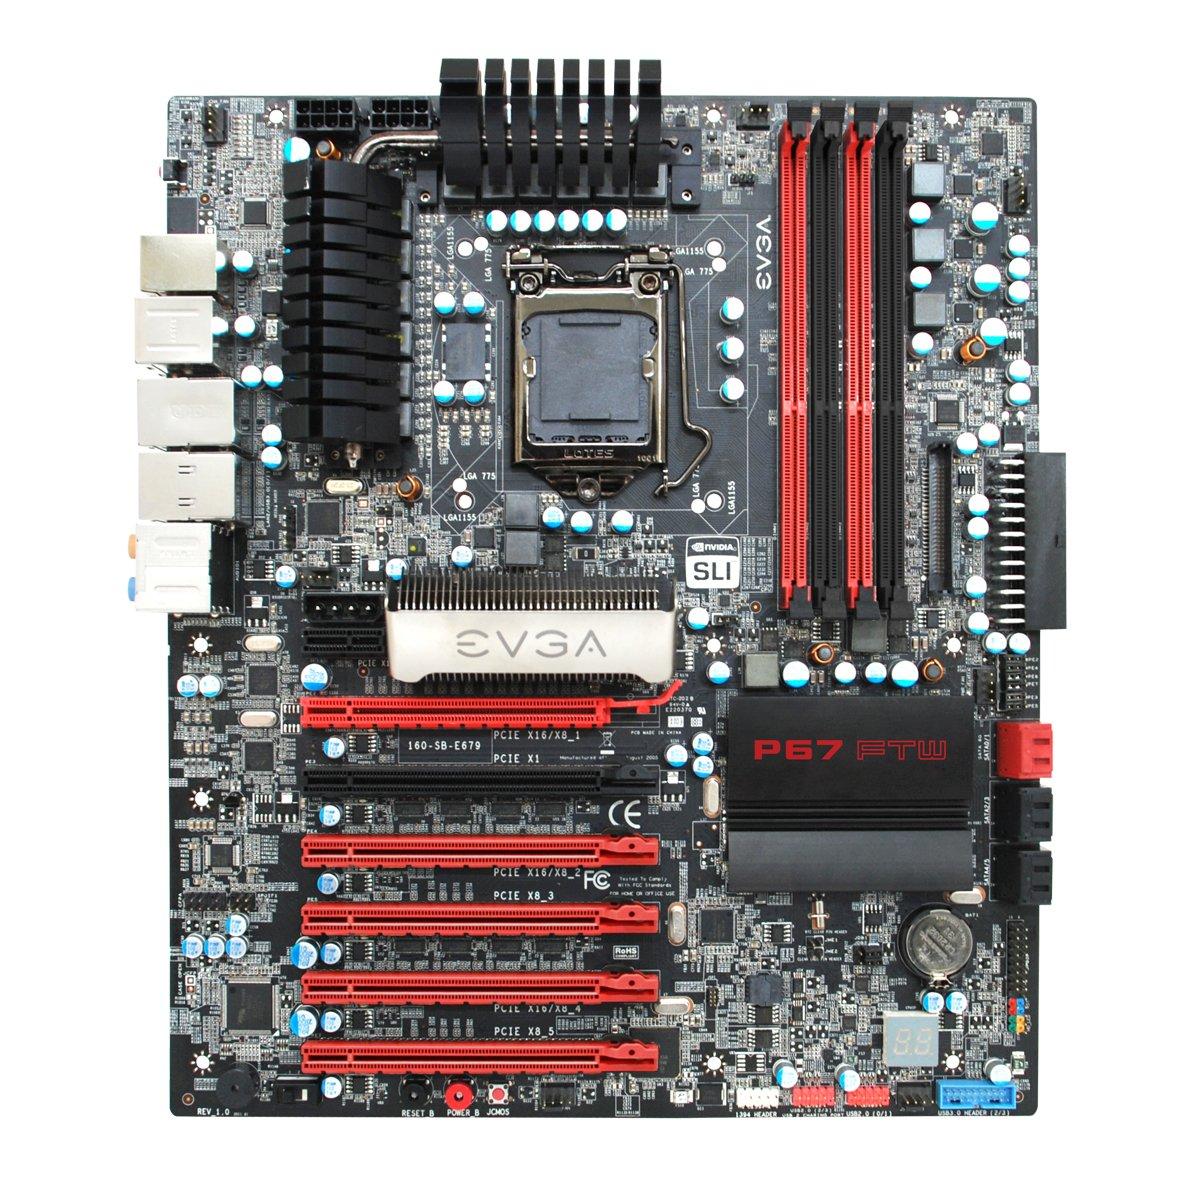 EVGA P67 SLI Marvell LAN Descargar Controlador